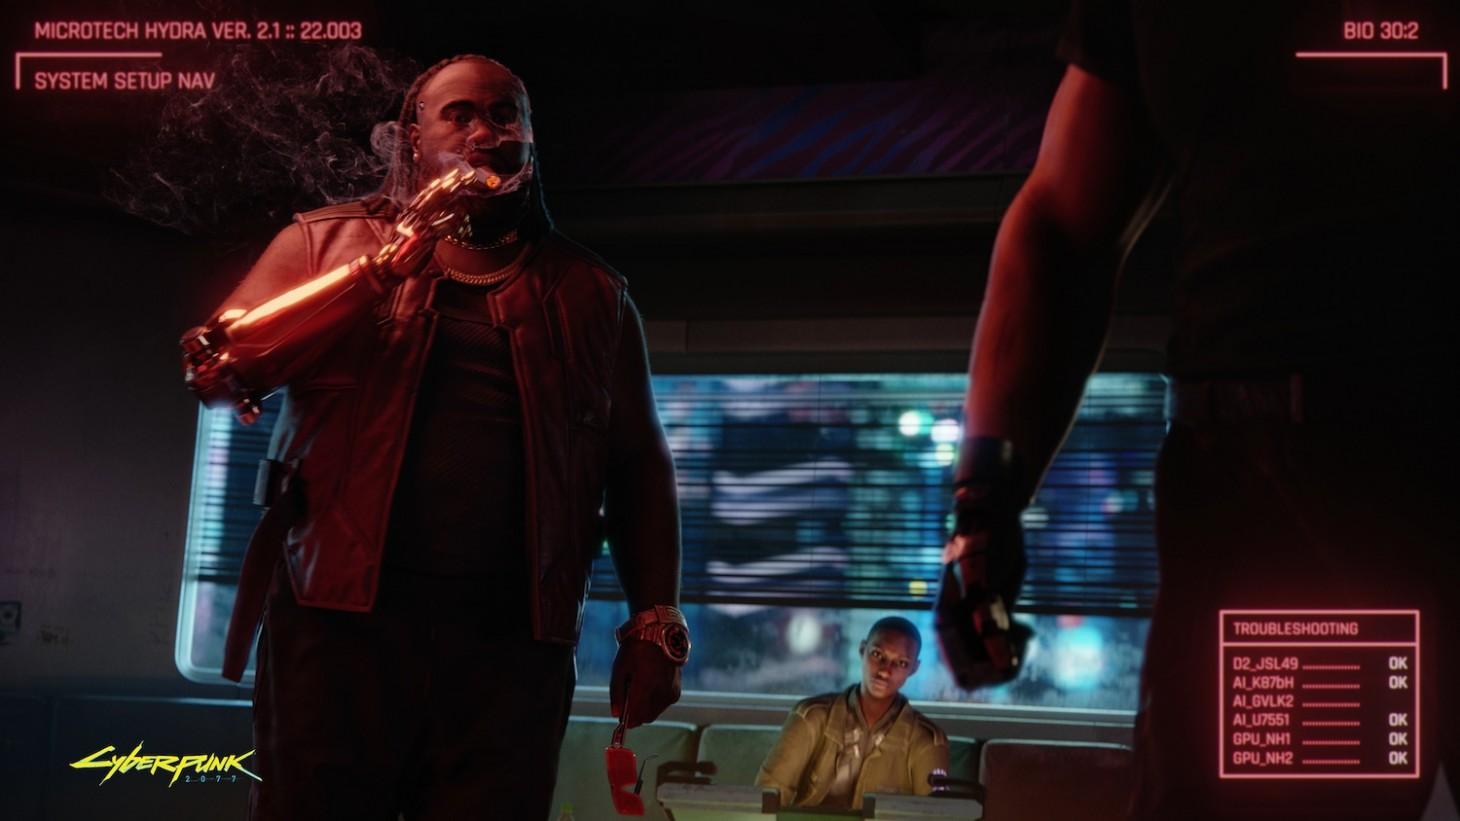 《赛博朋克2077》情报:玩家行为影响多 信誉高也不好